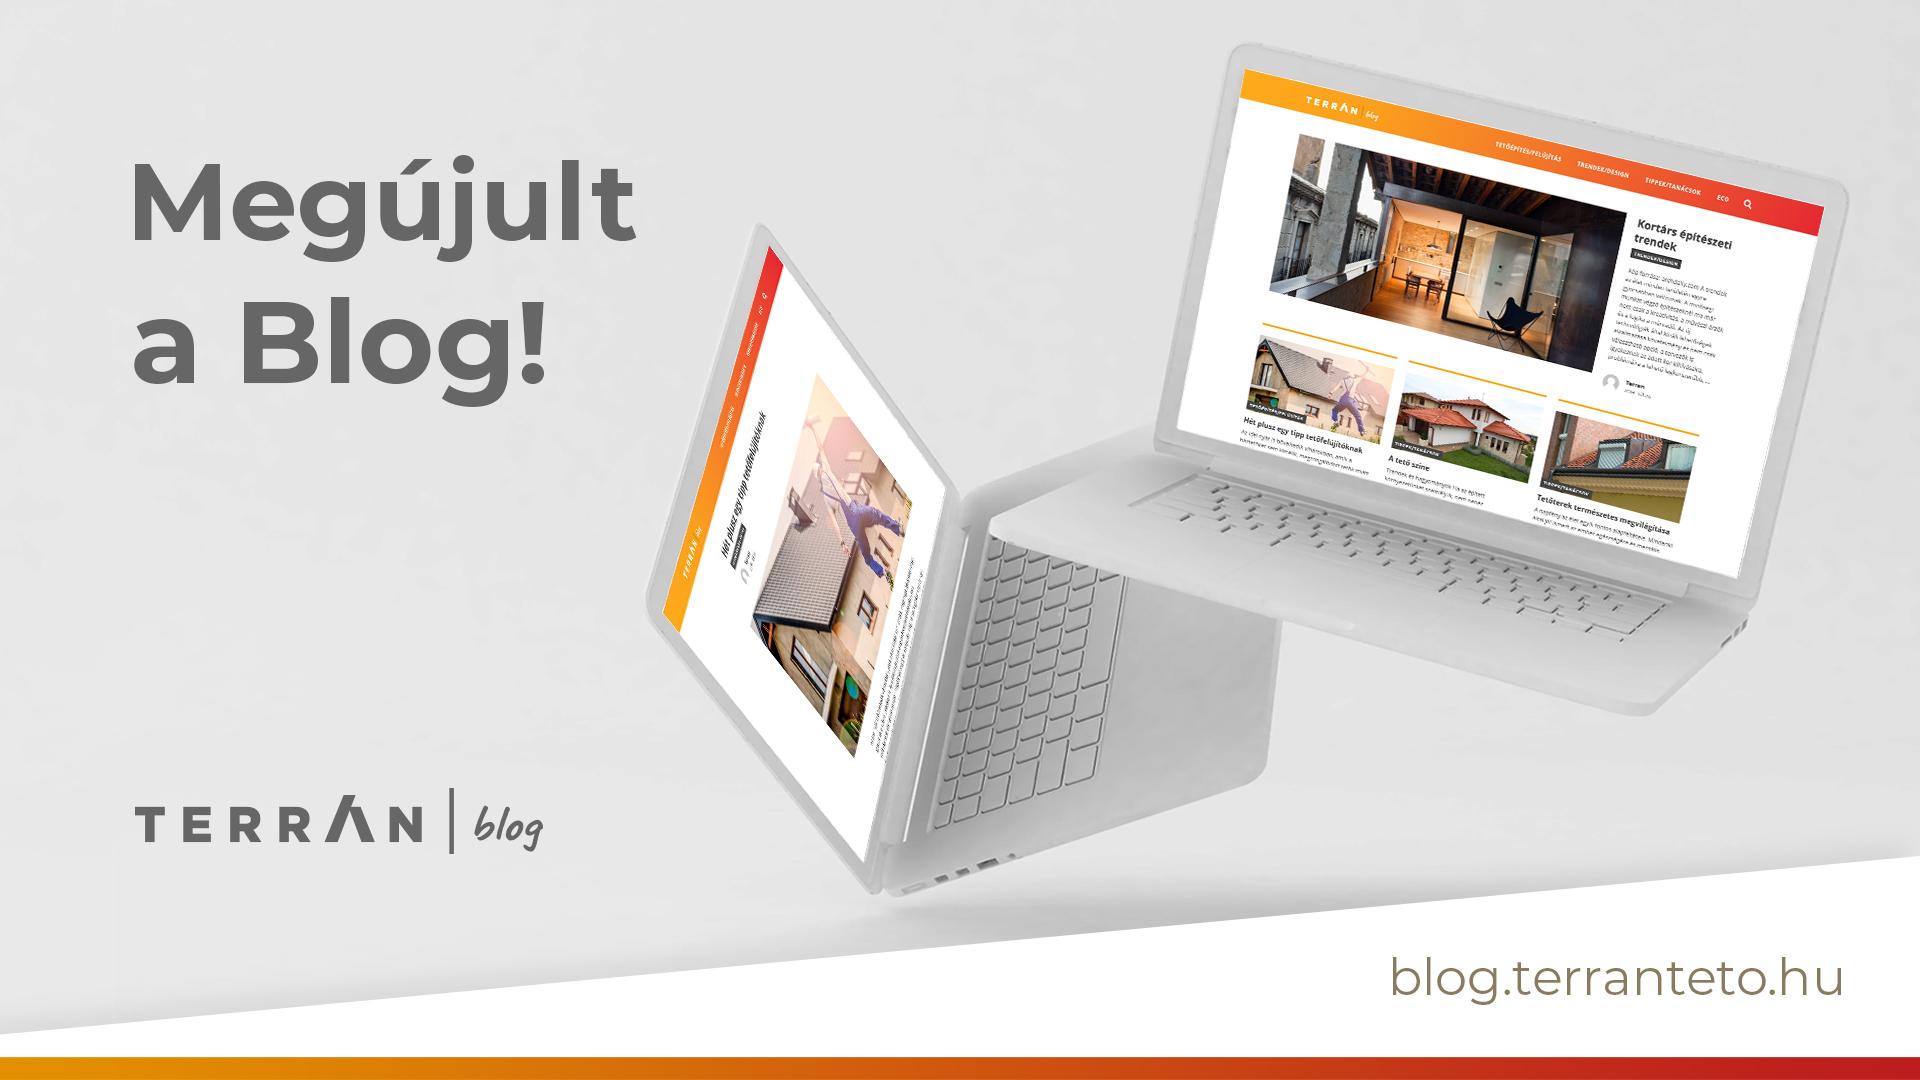 Szintet lépünk – blogunk új felületre költözik!